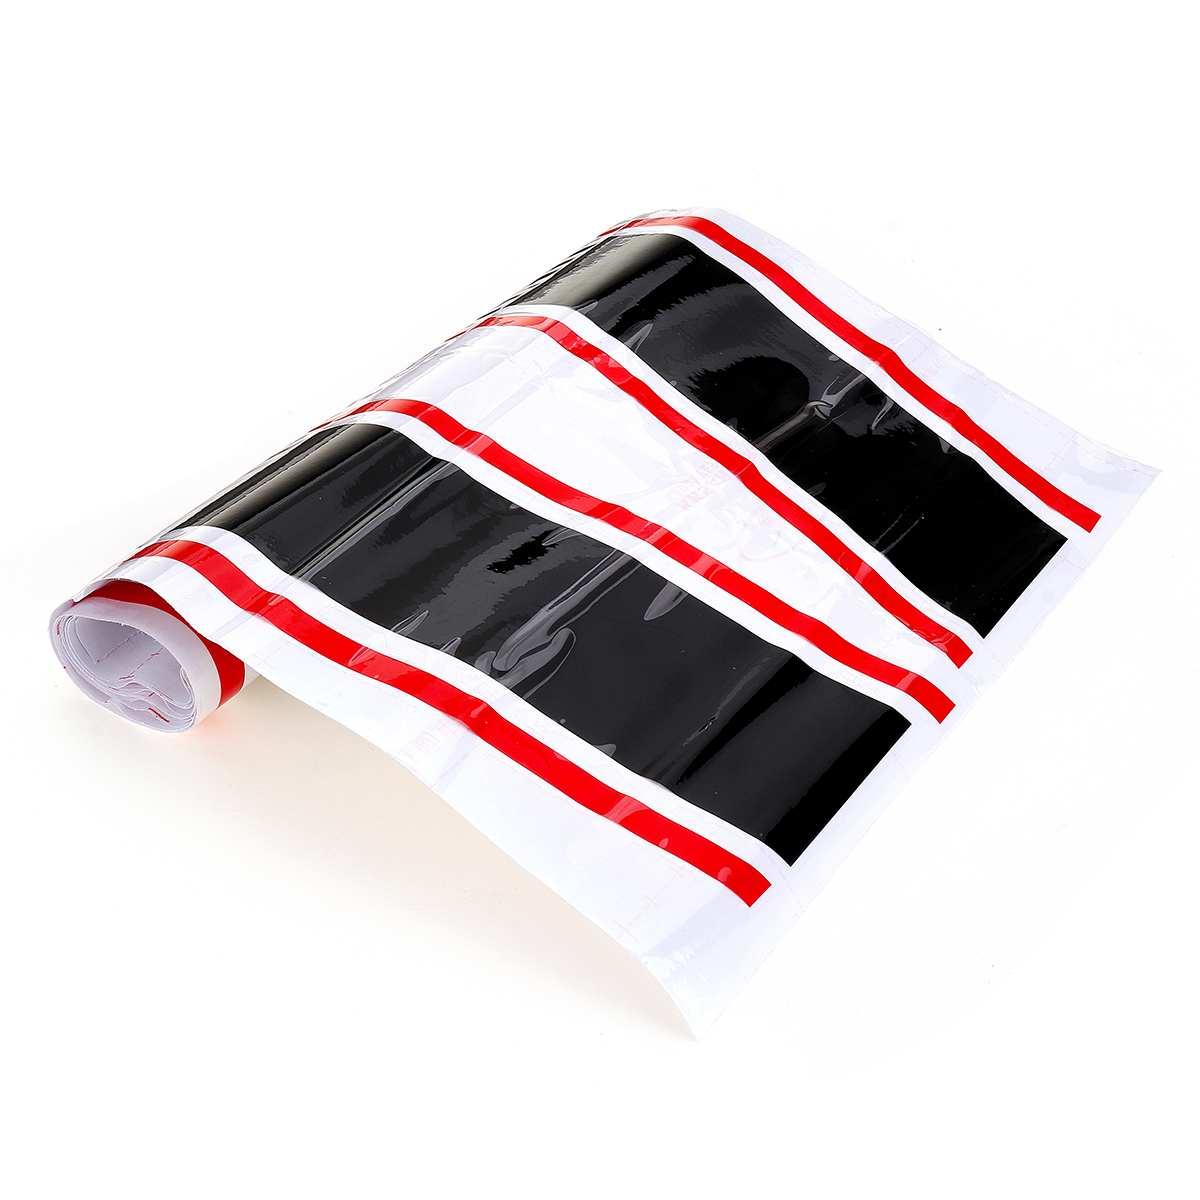 Капот капота двигателя, накладка в полоску для Mini Cooper, полоска капота R50 R52 R53 R55 R56 R57 для Mini Cooper S - Название цвета: 3